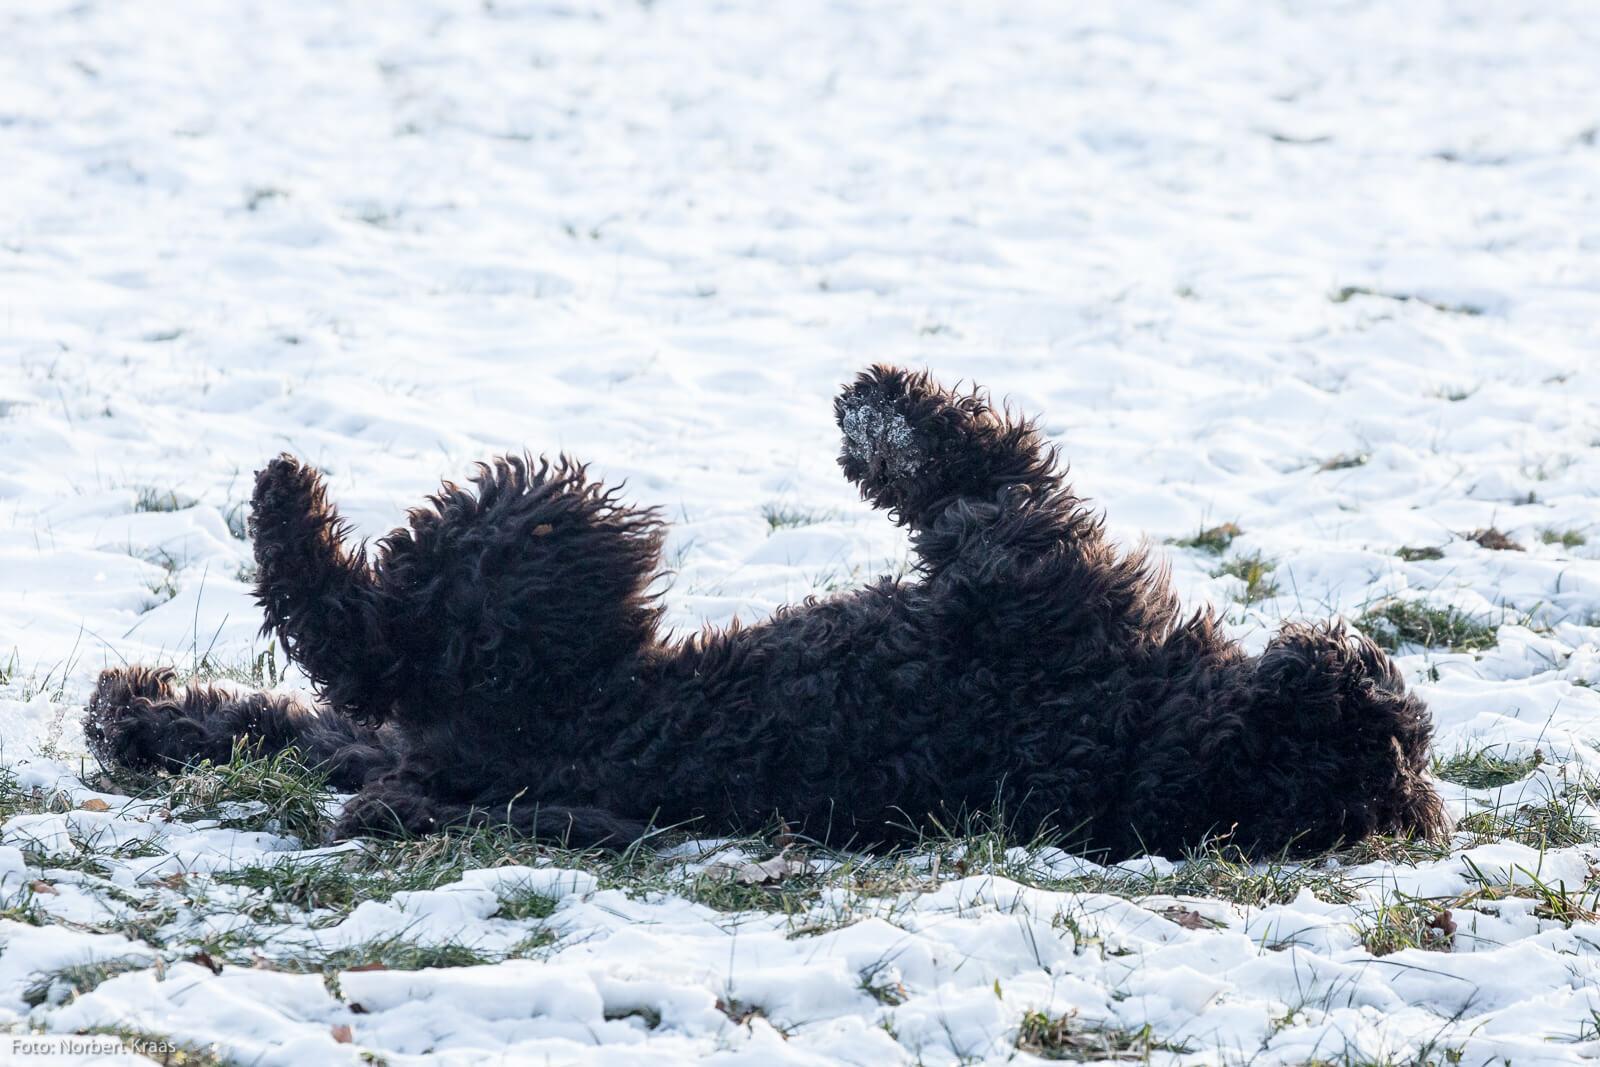 Ein Bad im Schnee als Haarpflege im Winter? Dem Hund gefällt's.